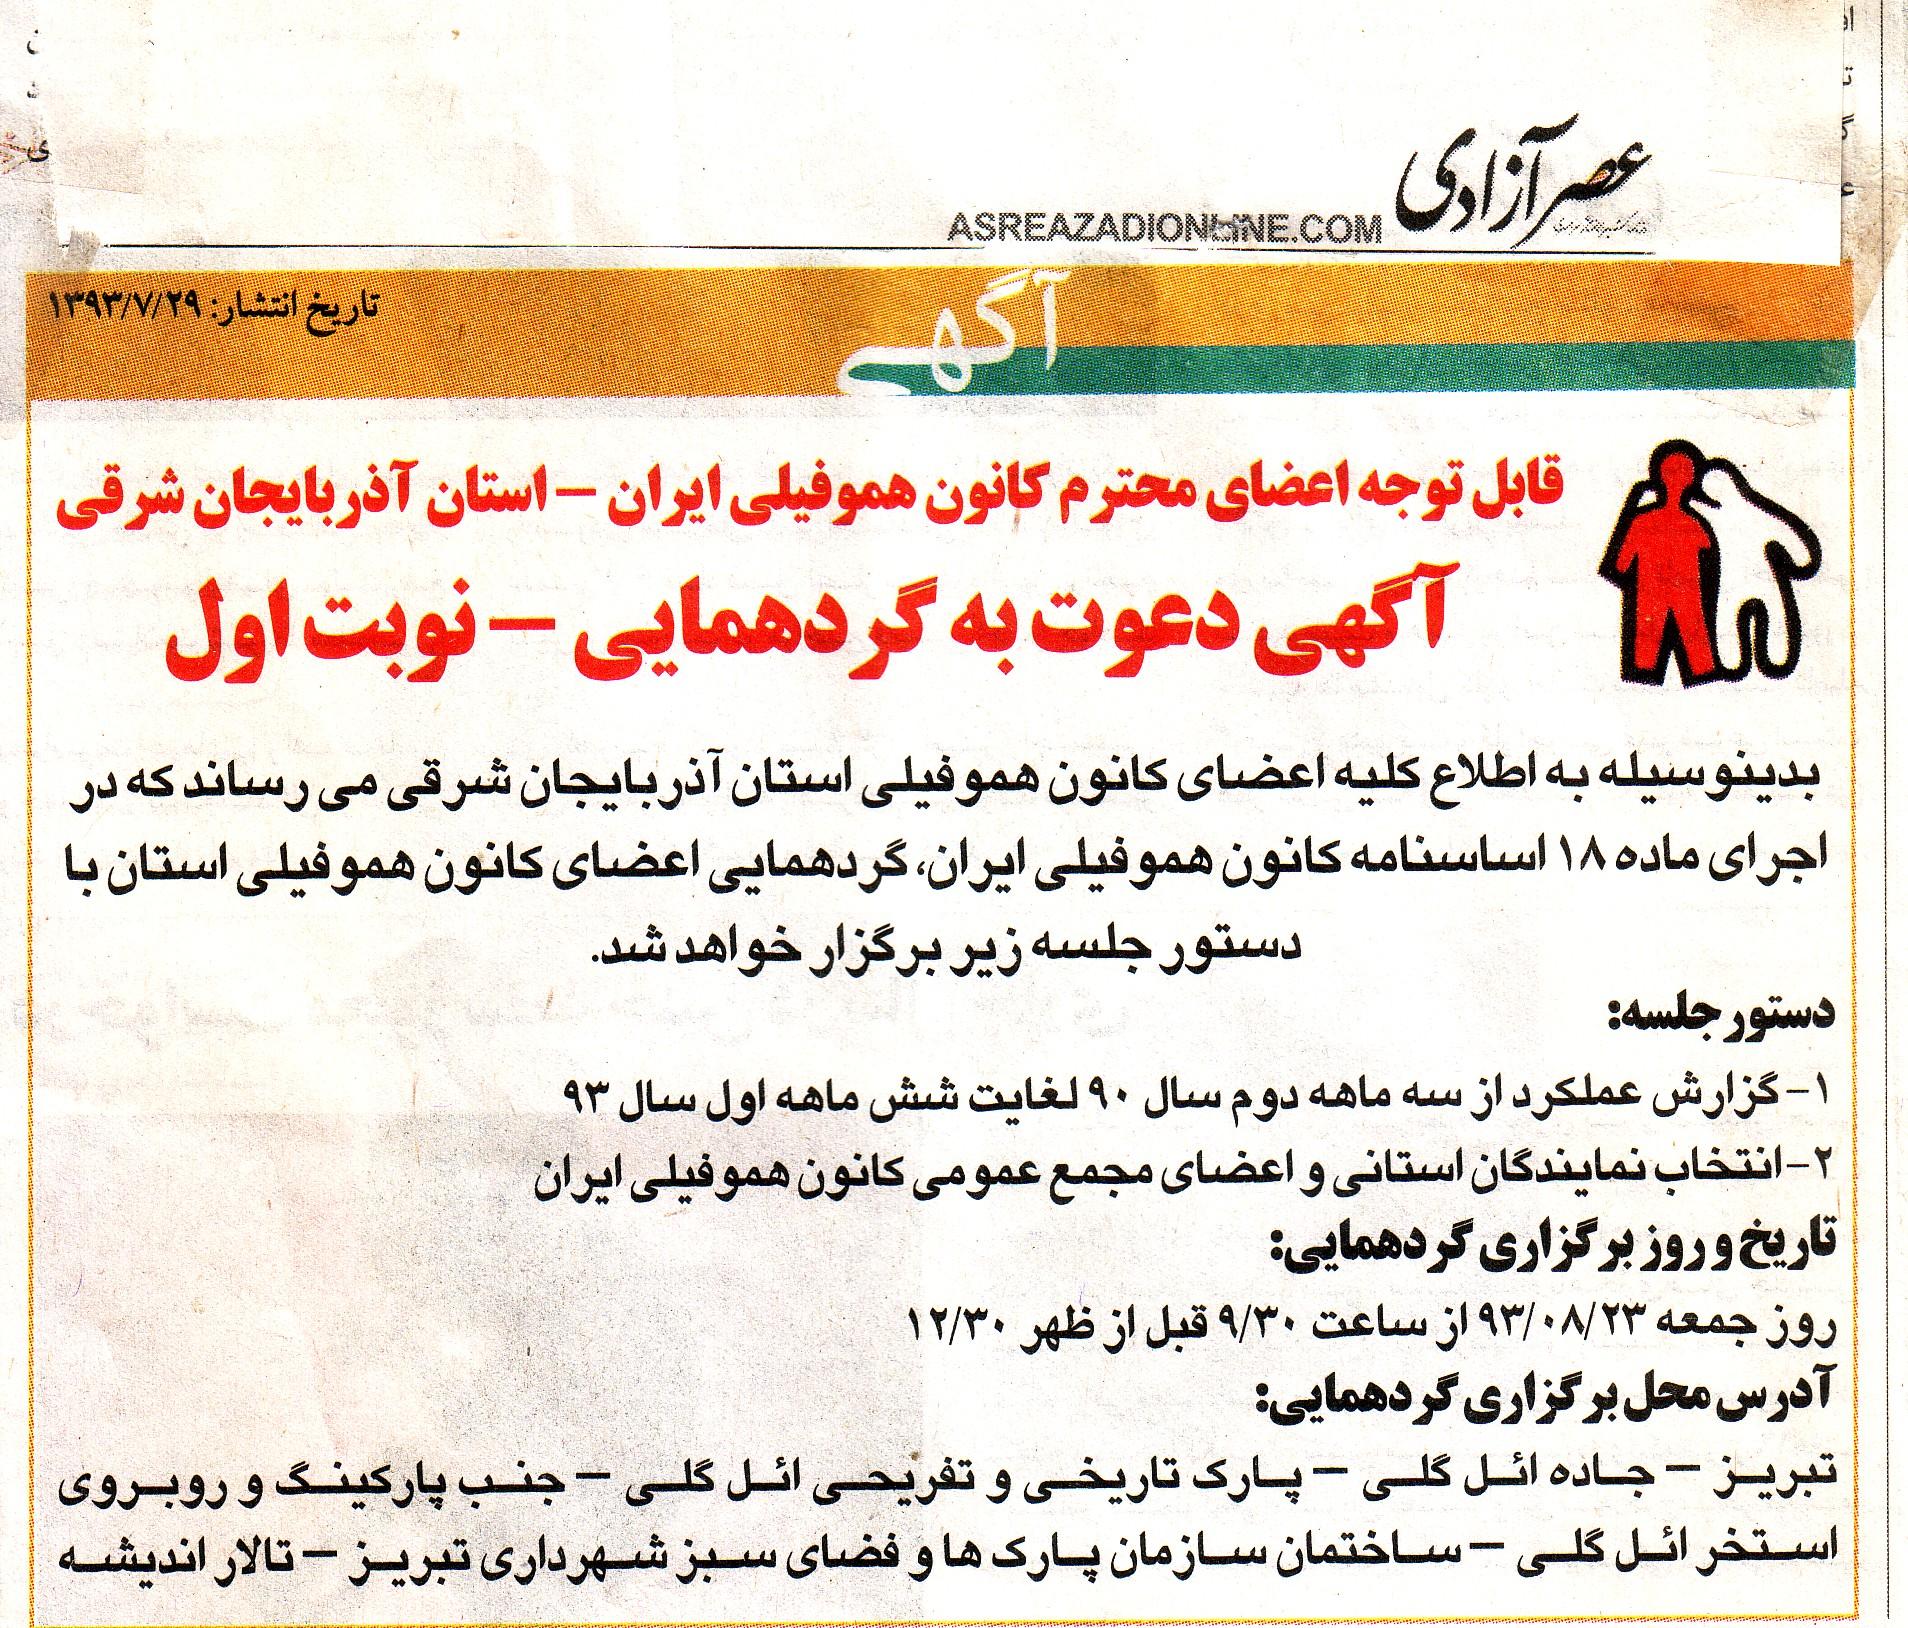 فهرست کاندیداهای عضویت در مجمع عمومی کانون هموفیلی ایران از استان آذربایجان شرقی